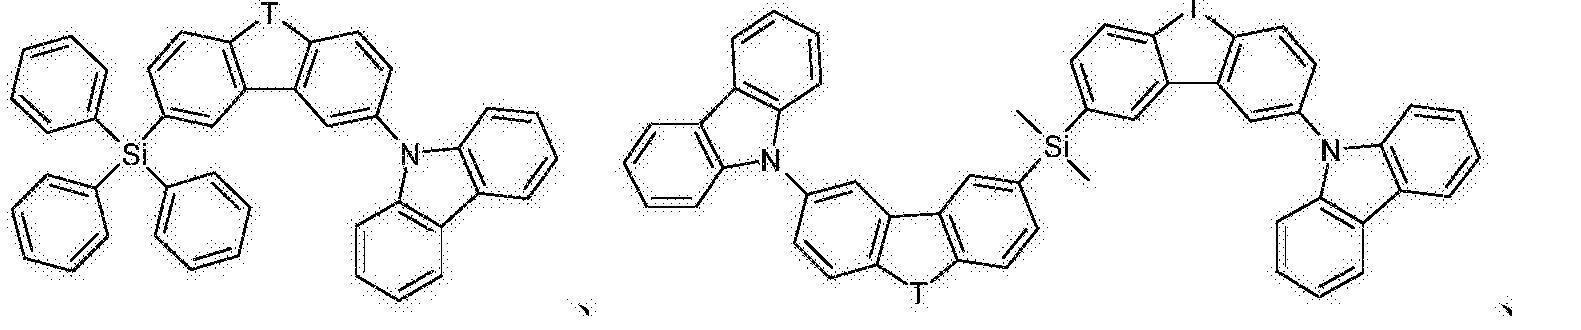 Figure CN107735880AC00092